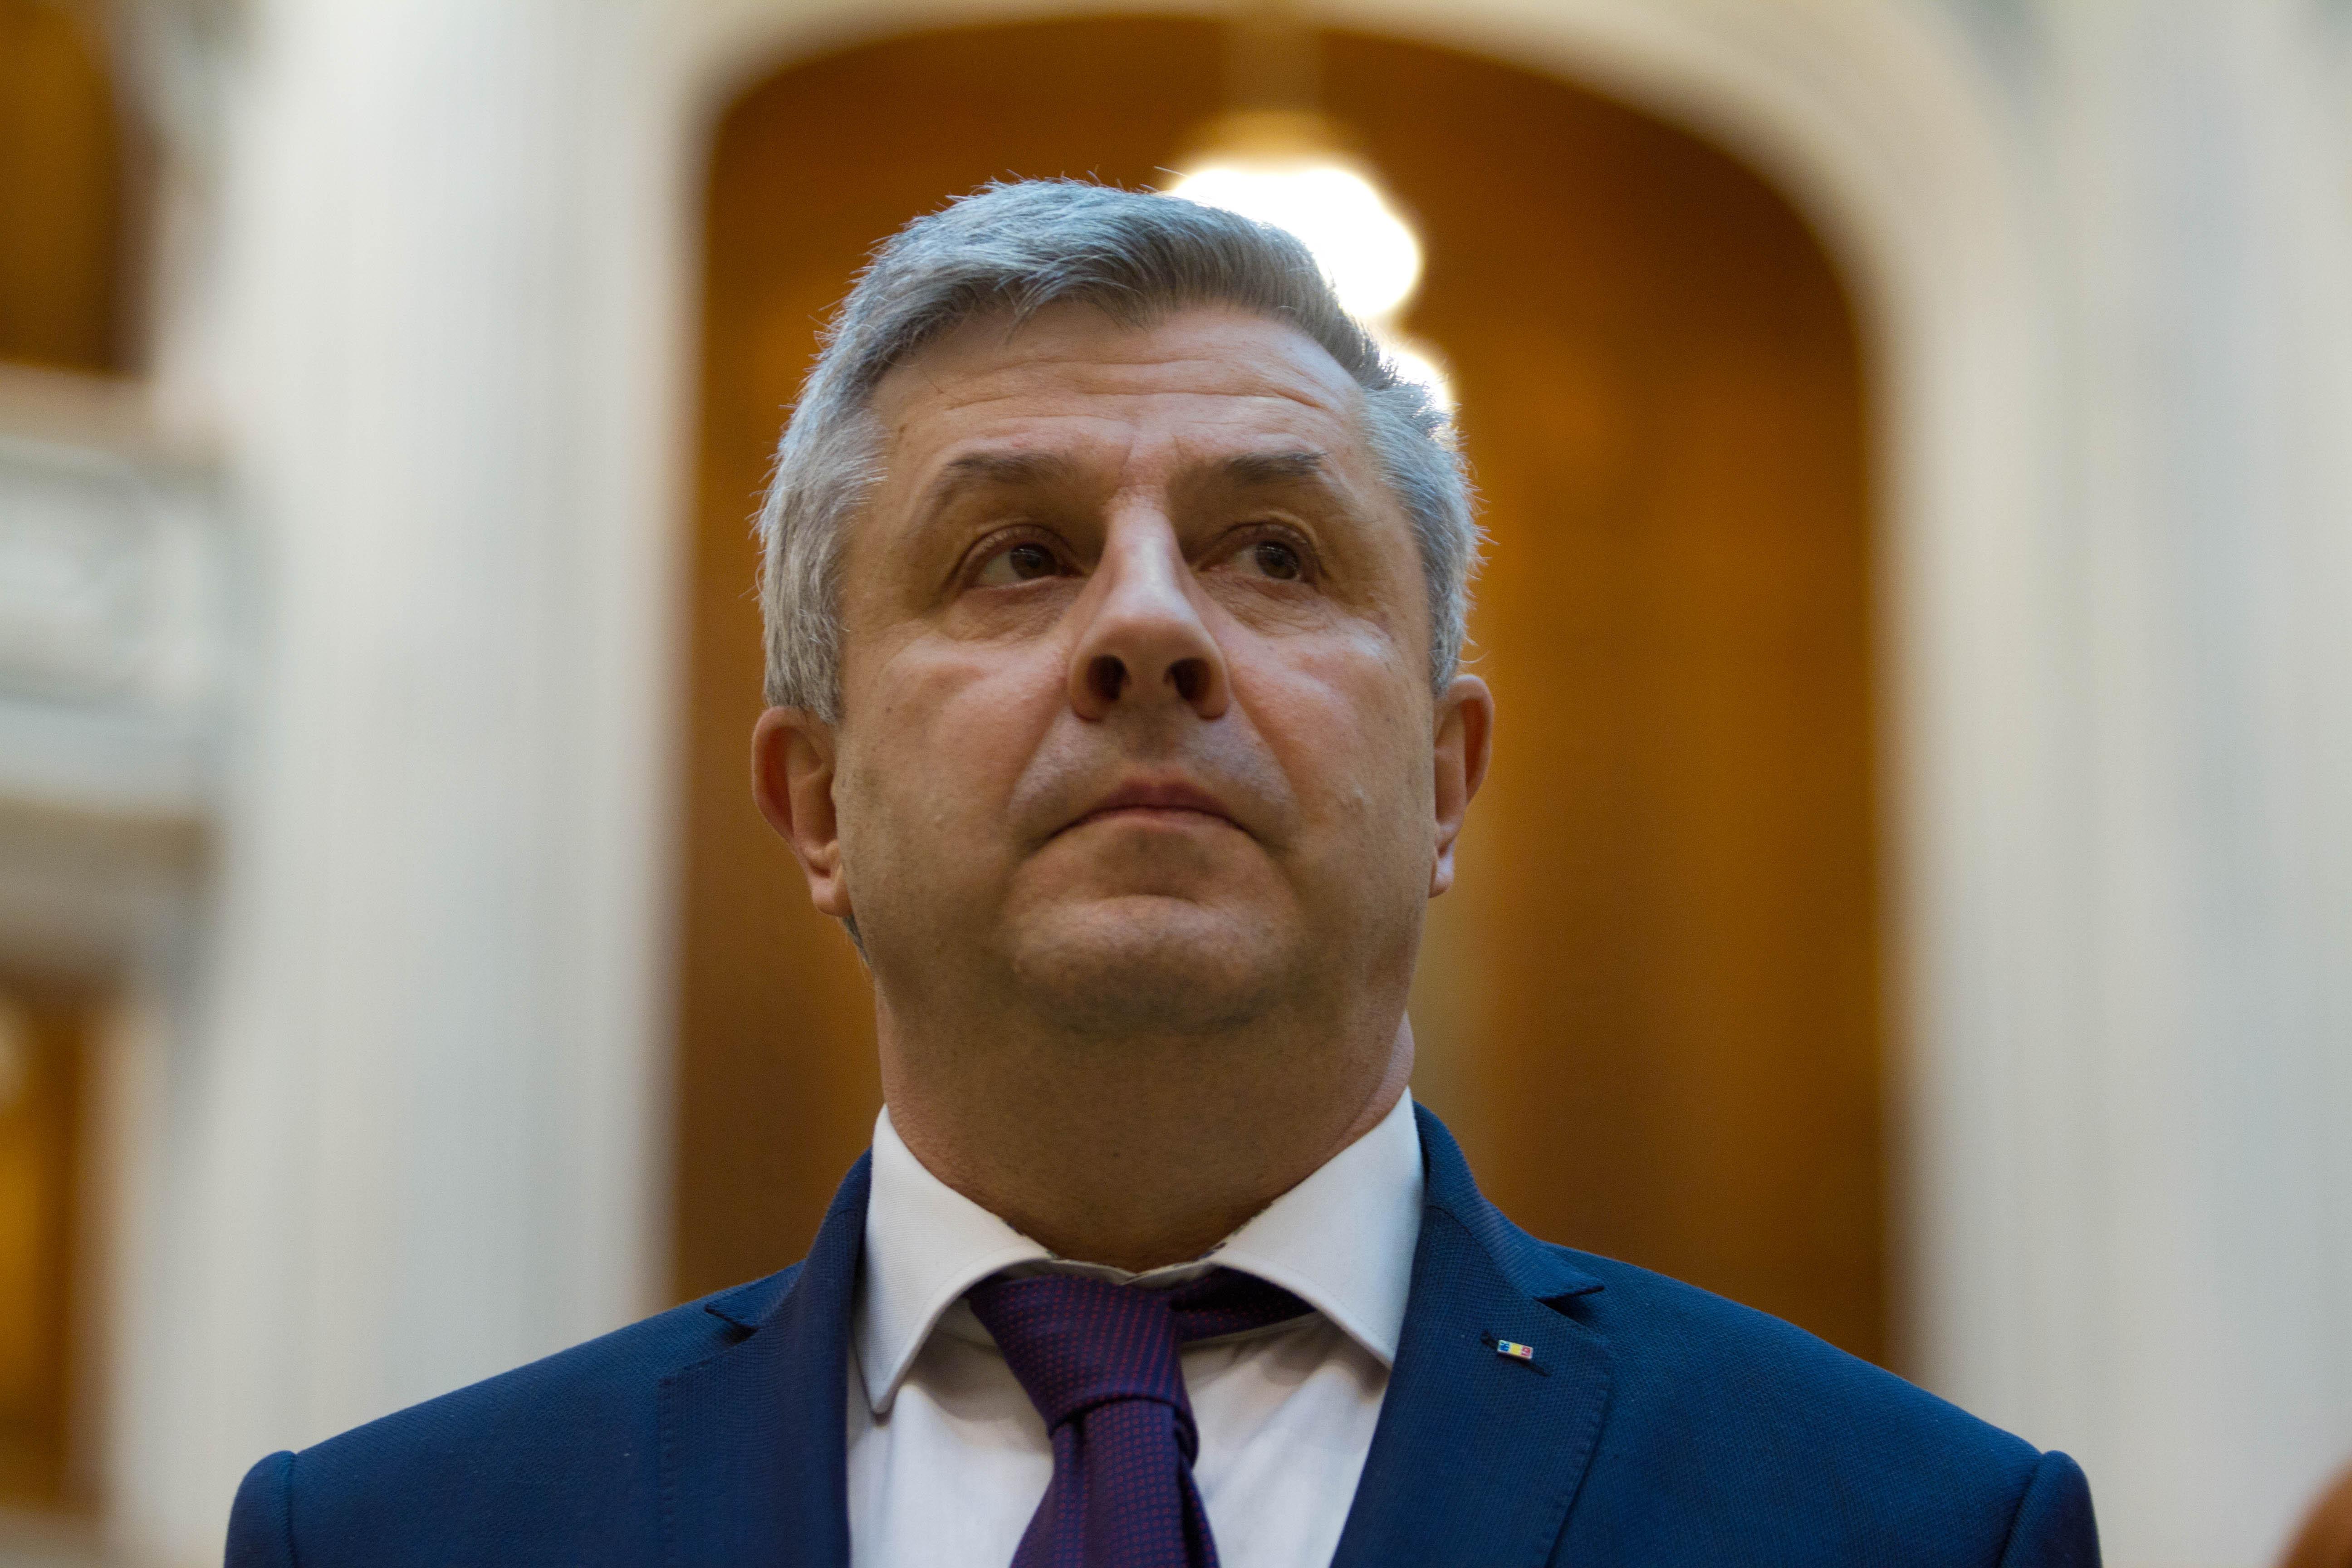 Adunarea Parlamentară a Consiliului Europei a aprobat solicitarea PNL de sesizare a Comisiei de la Veneţia pe legile Justiţiei / Iordache: Nu poate avea niciun efect / I. Stroe: Comisia de la Veneţia ar putea veni în România